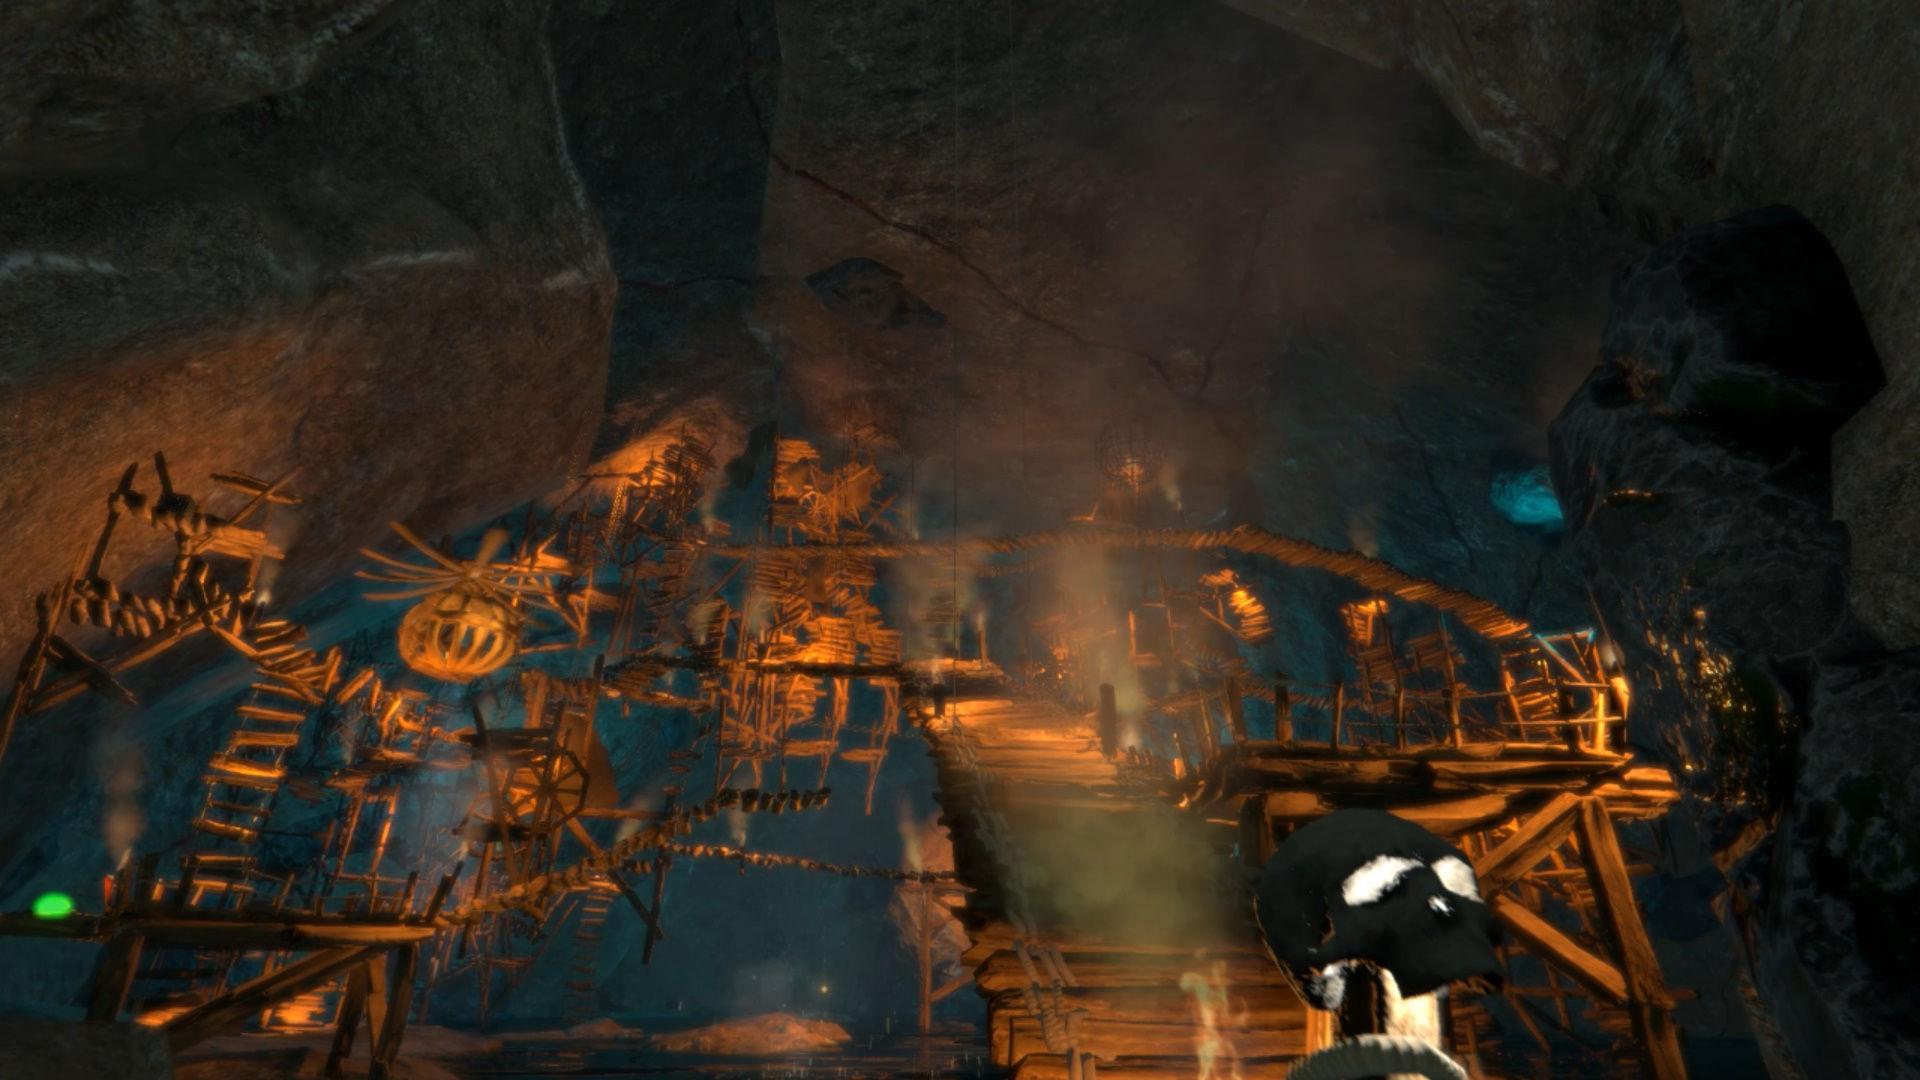 淫魔界2: カムランのサンプル画像2